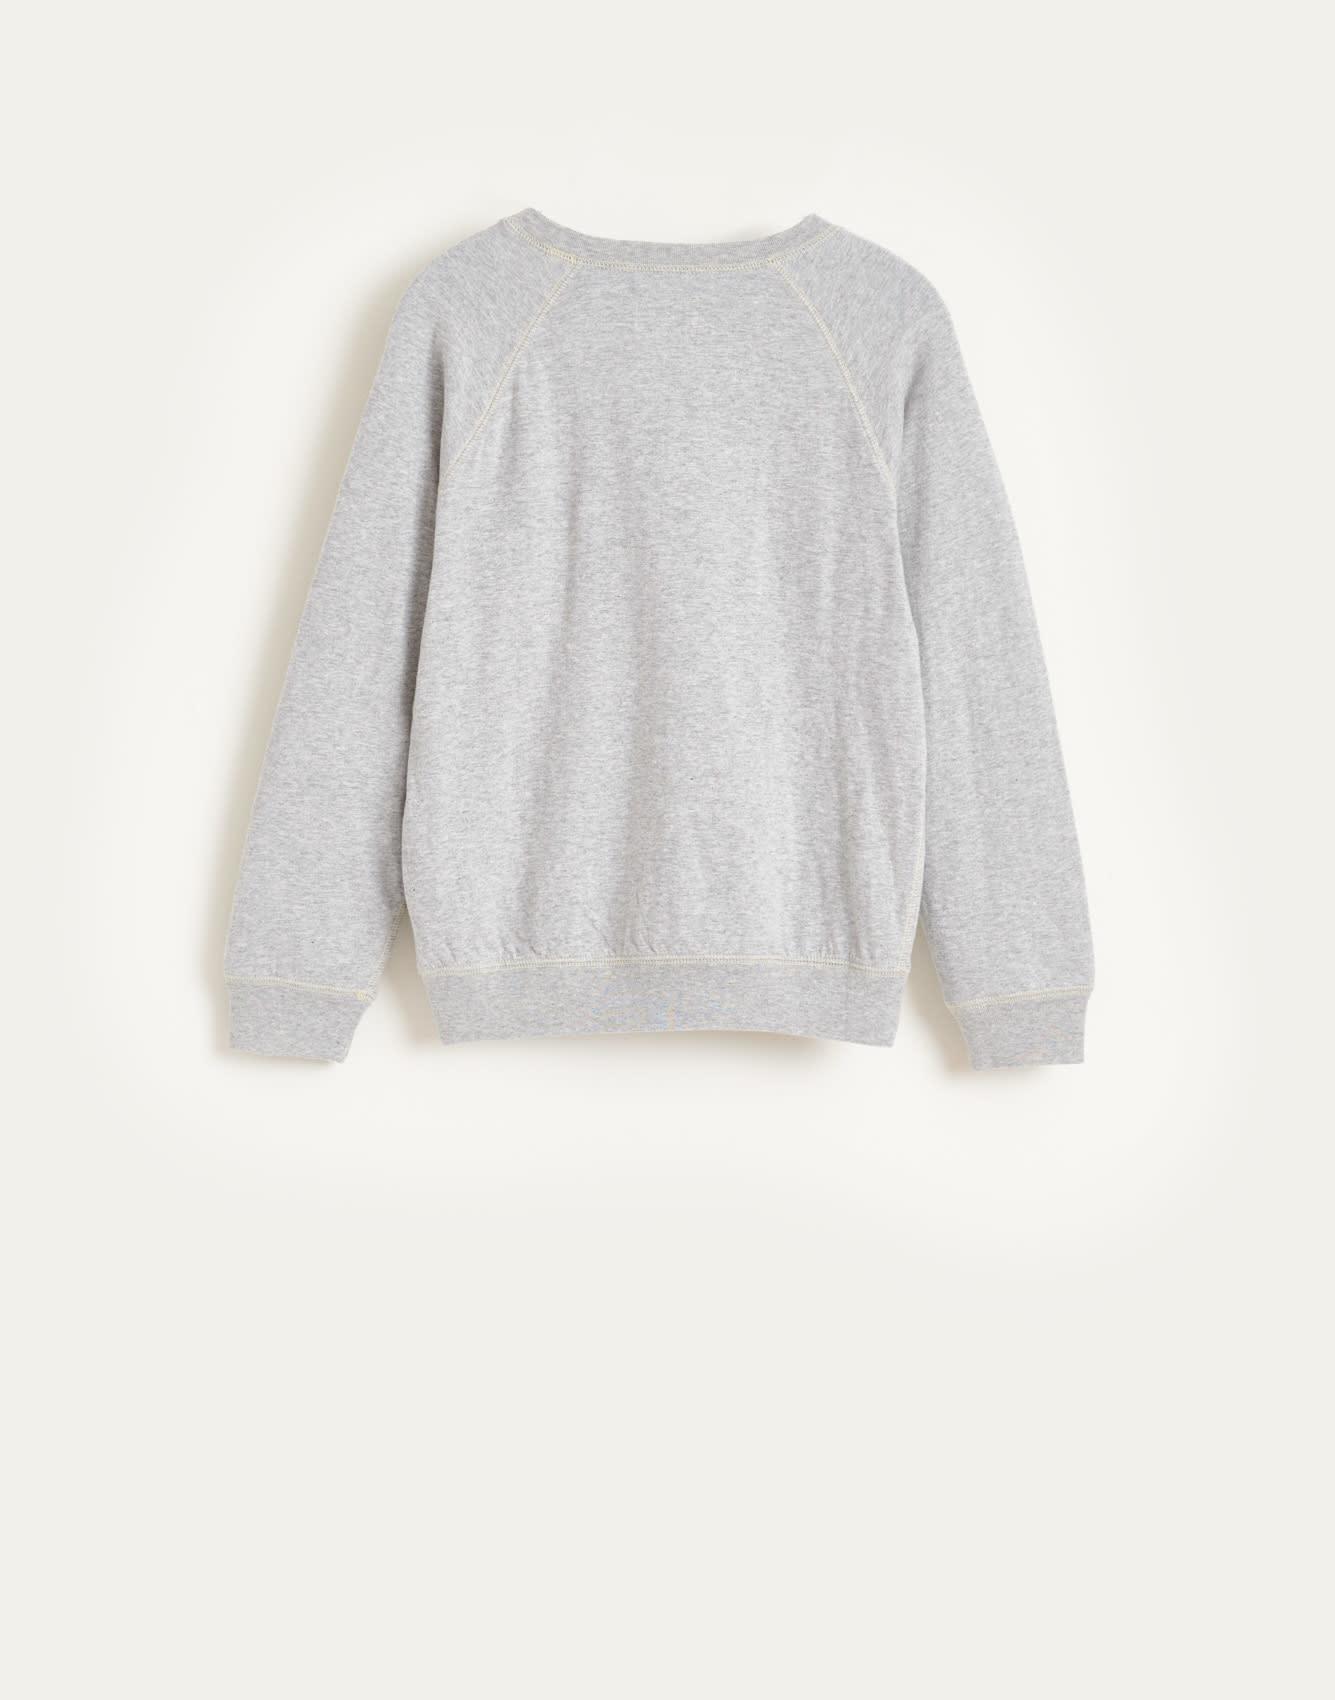 Maly sweatshirt combo-3